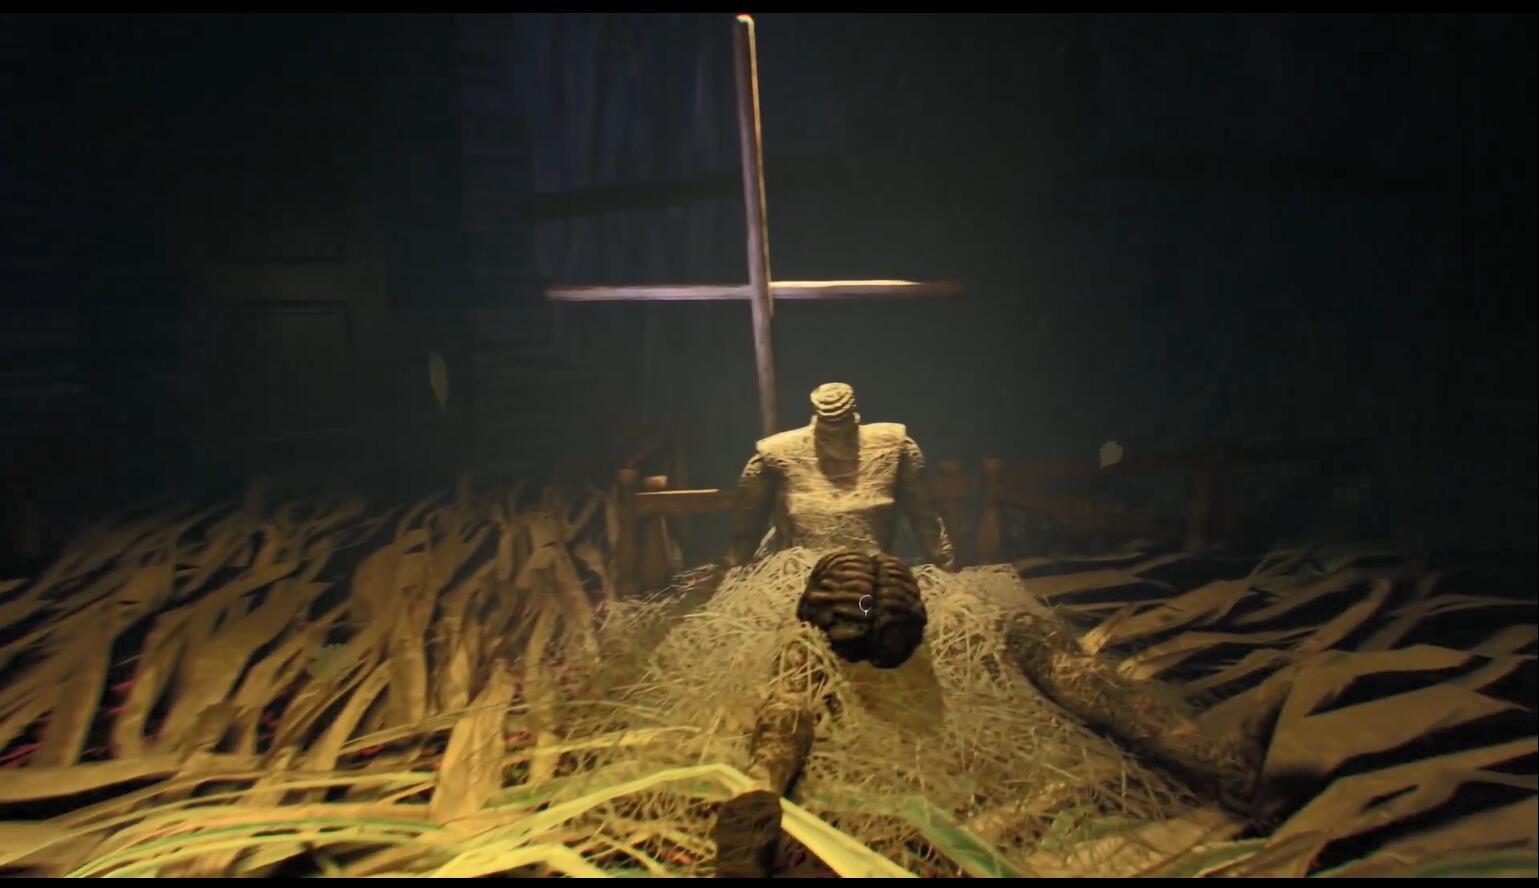 《層層恐懼2》實機展示 惡魔之唇吐露出的恐怖真相